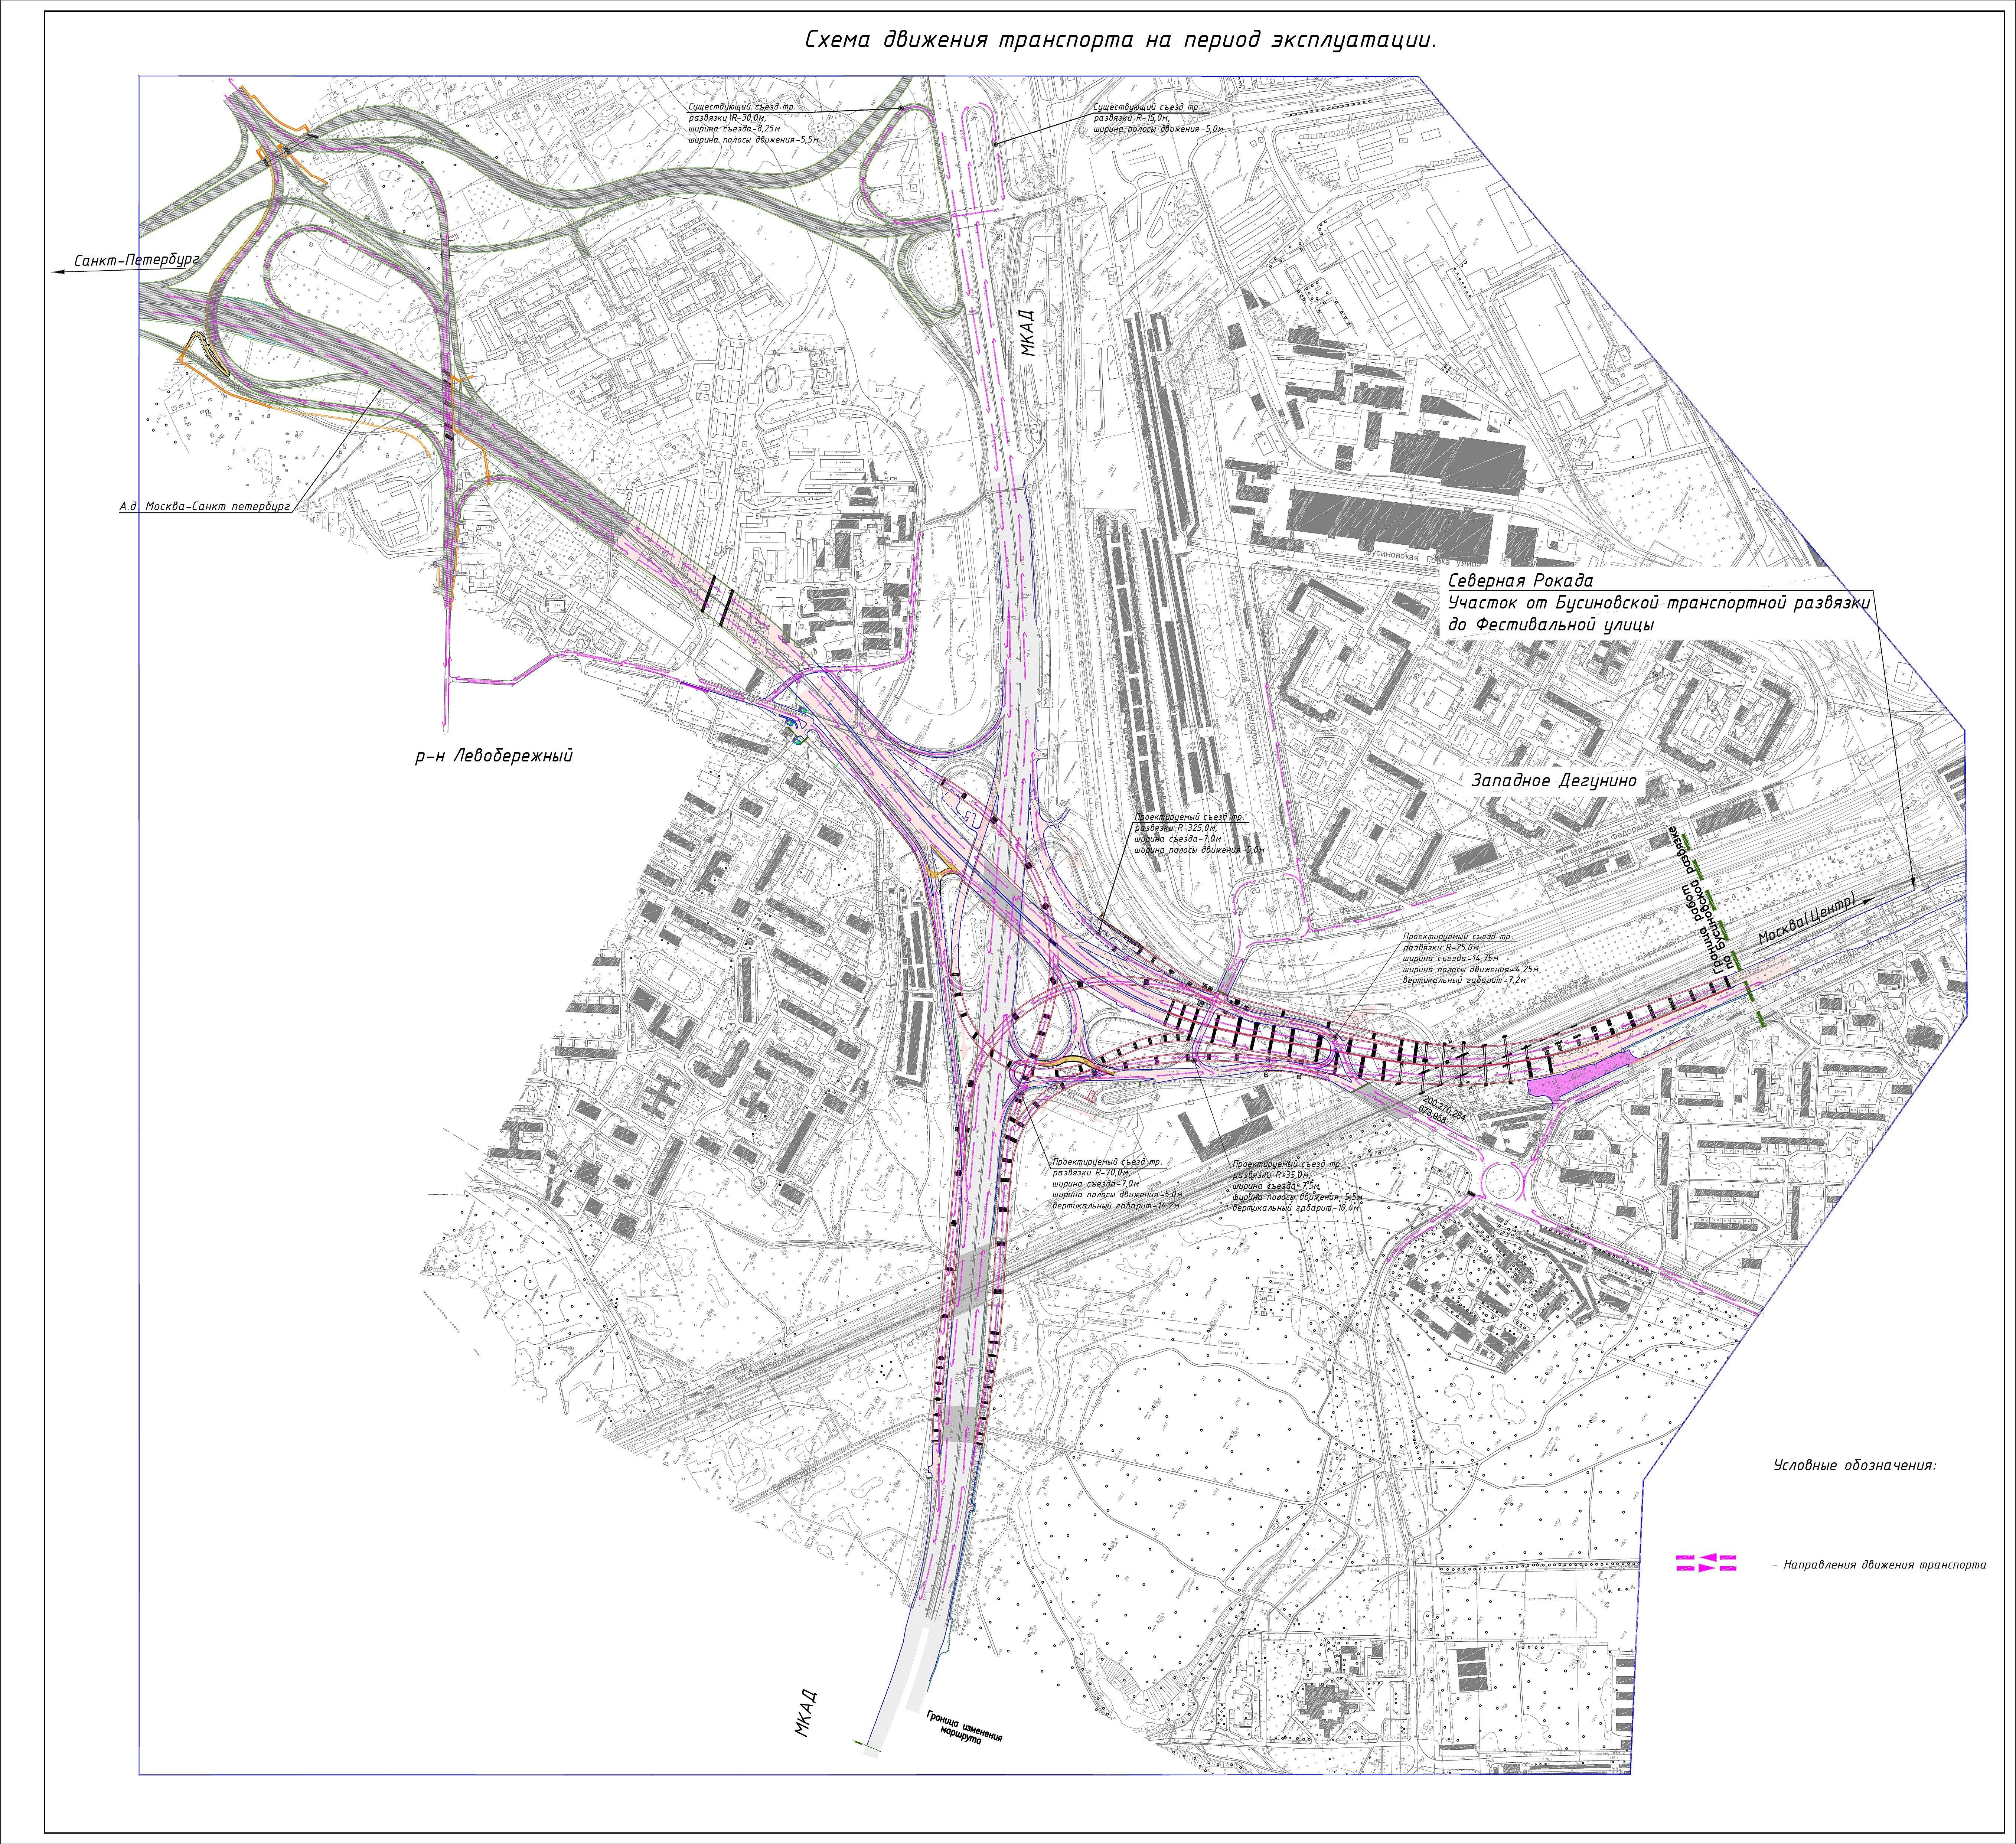 Схема-движения-транспорта-на-период-эксплуатации.pdf